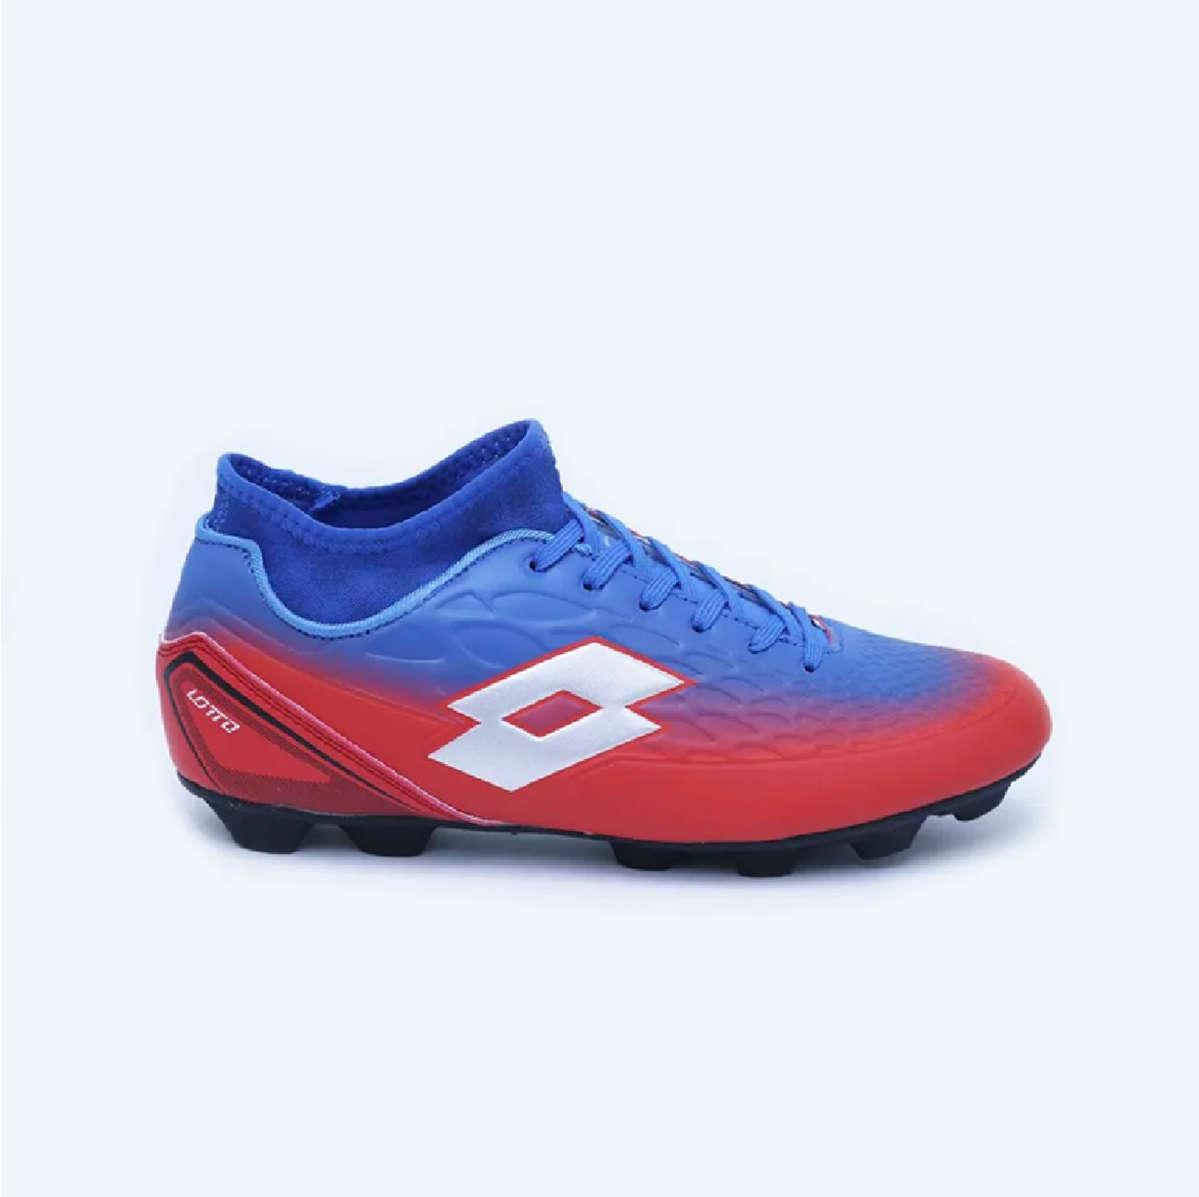 Comprar Guayos para fútbol sala en Montería - Tiendas y promociones -  Ofertia b1b81984365a4